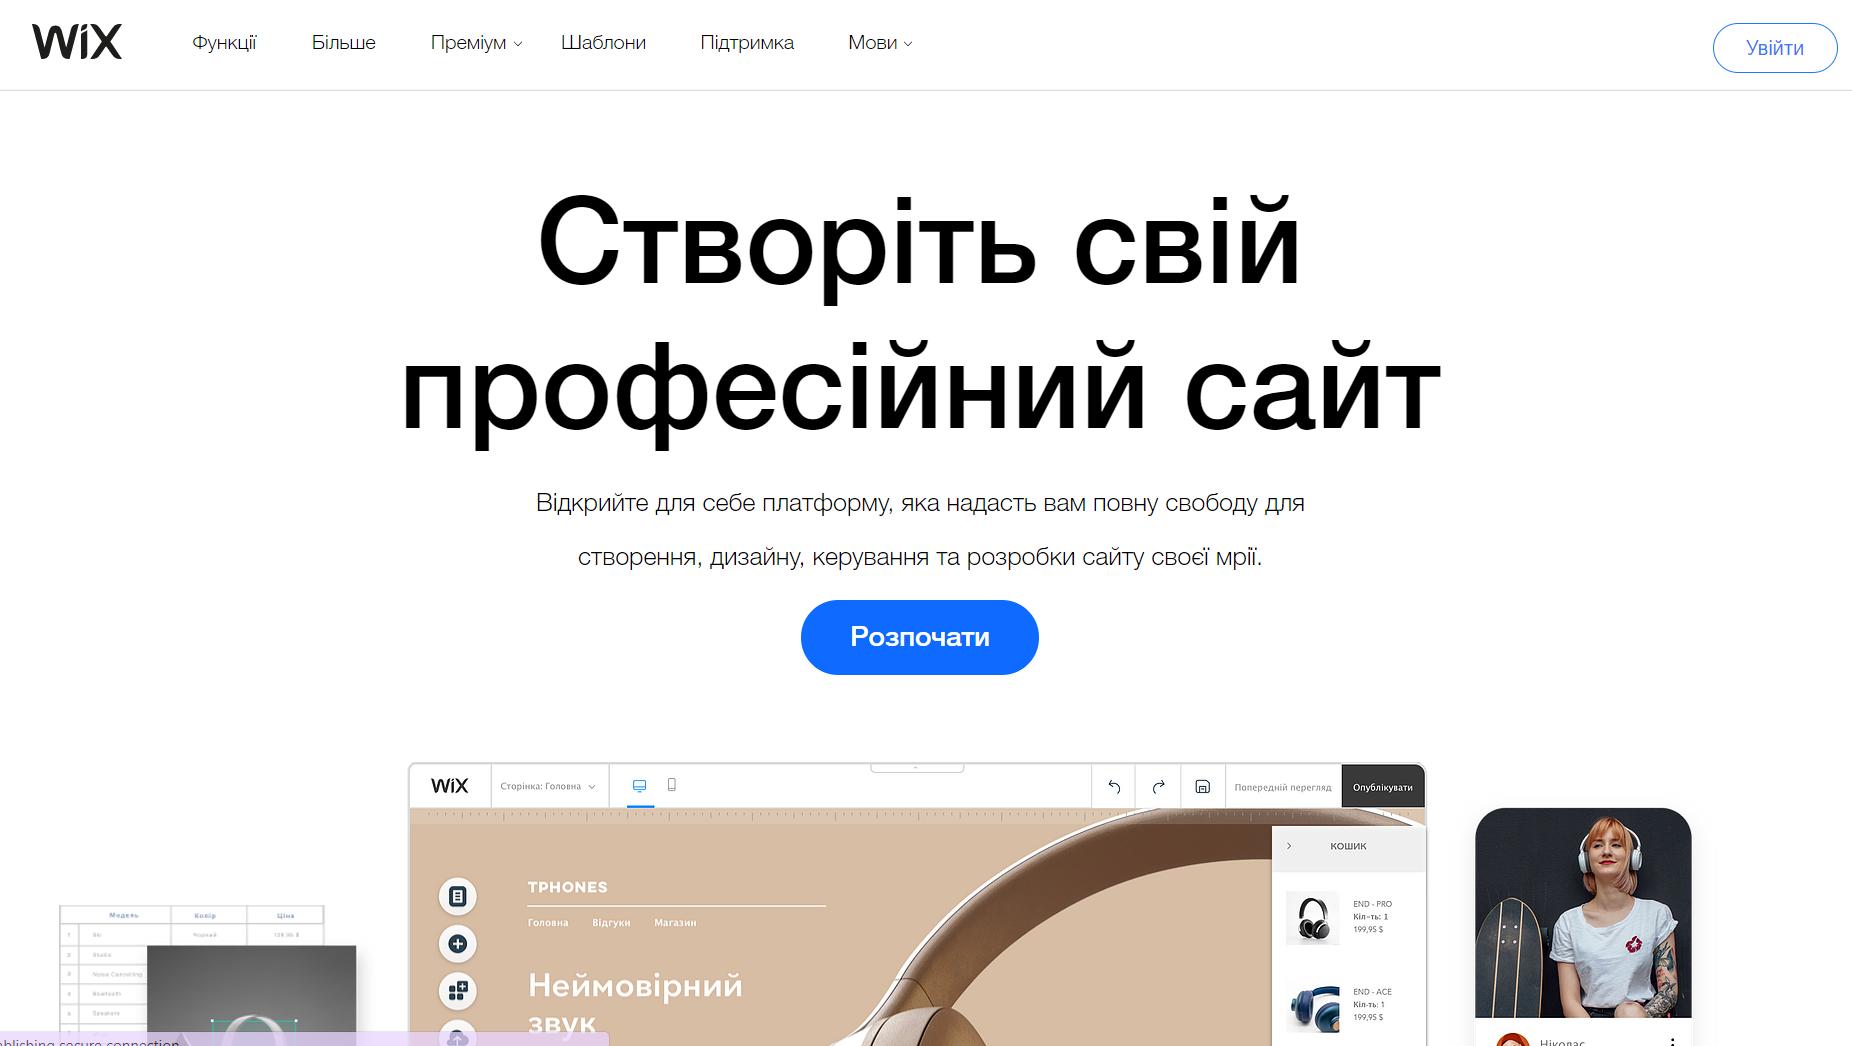 Топ-15 конструкторів сайтів. Огляд - tech, startups, online-marketing